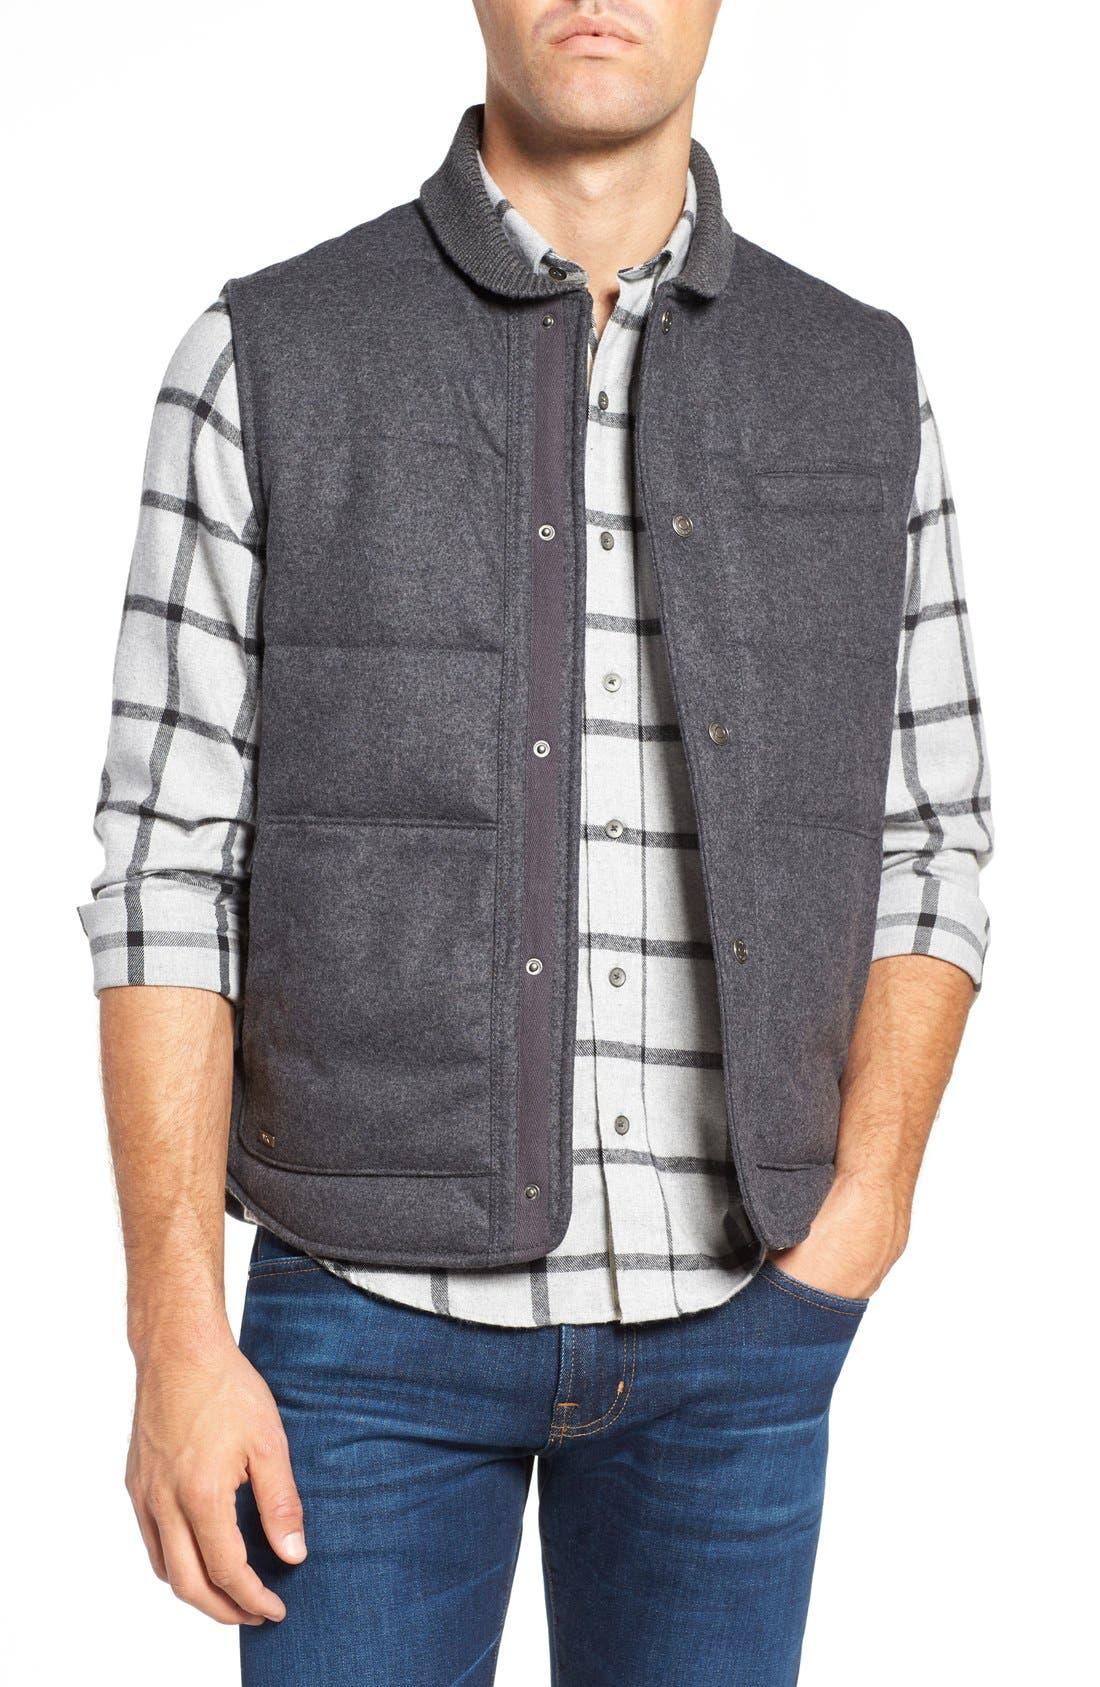 Pritchel Quilted Vest,                         Main,                         color, 010